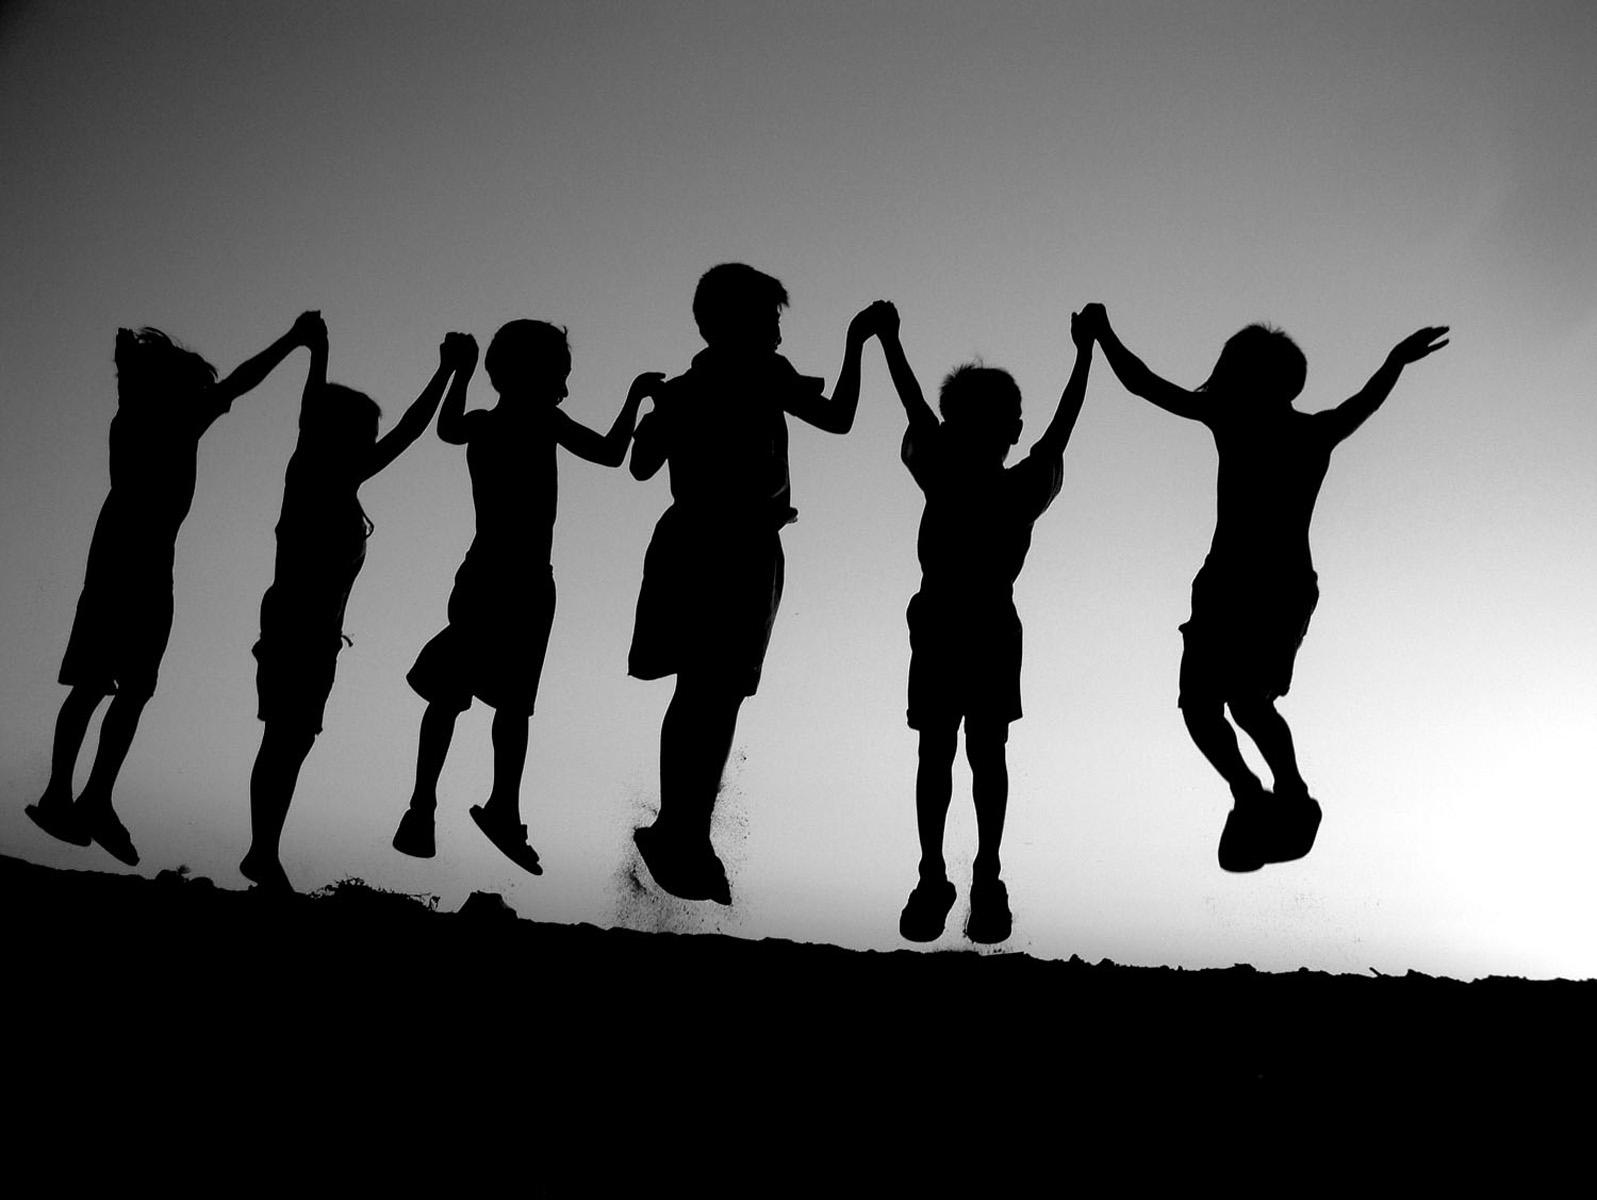 The joy of childhood bw photo